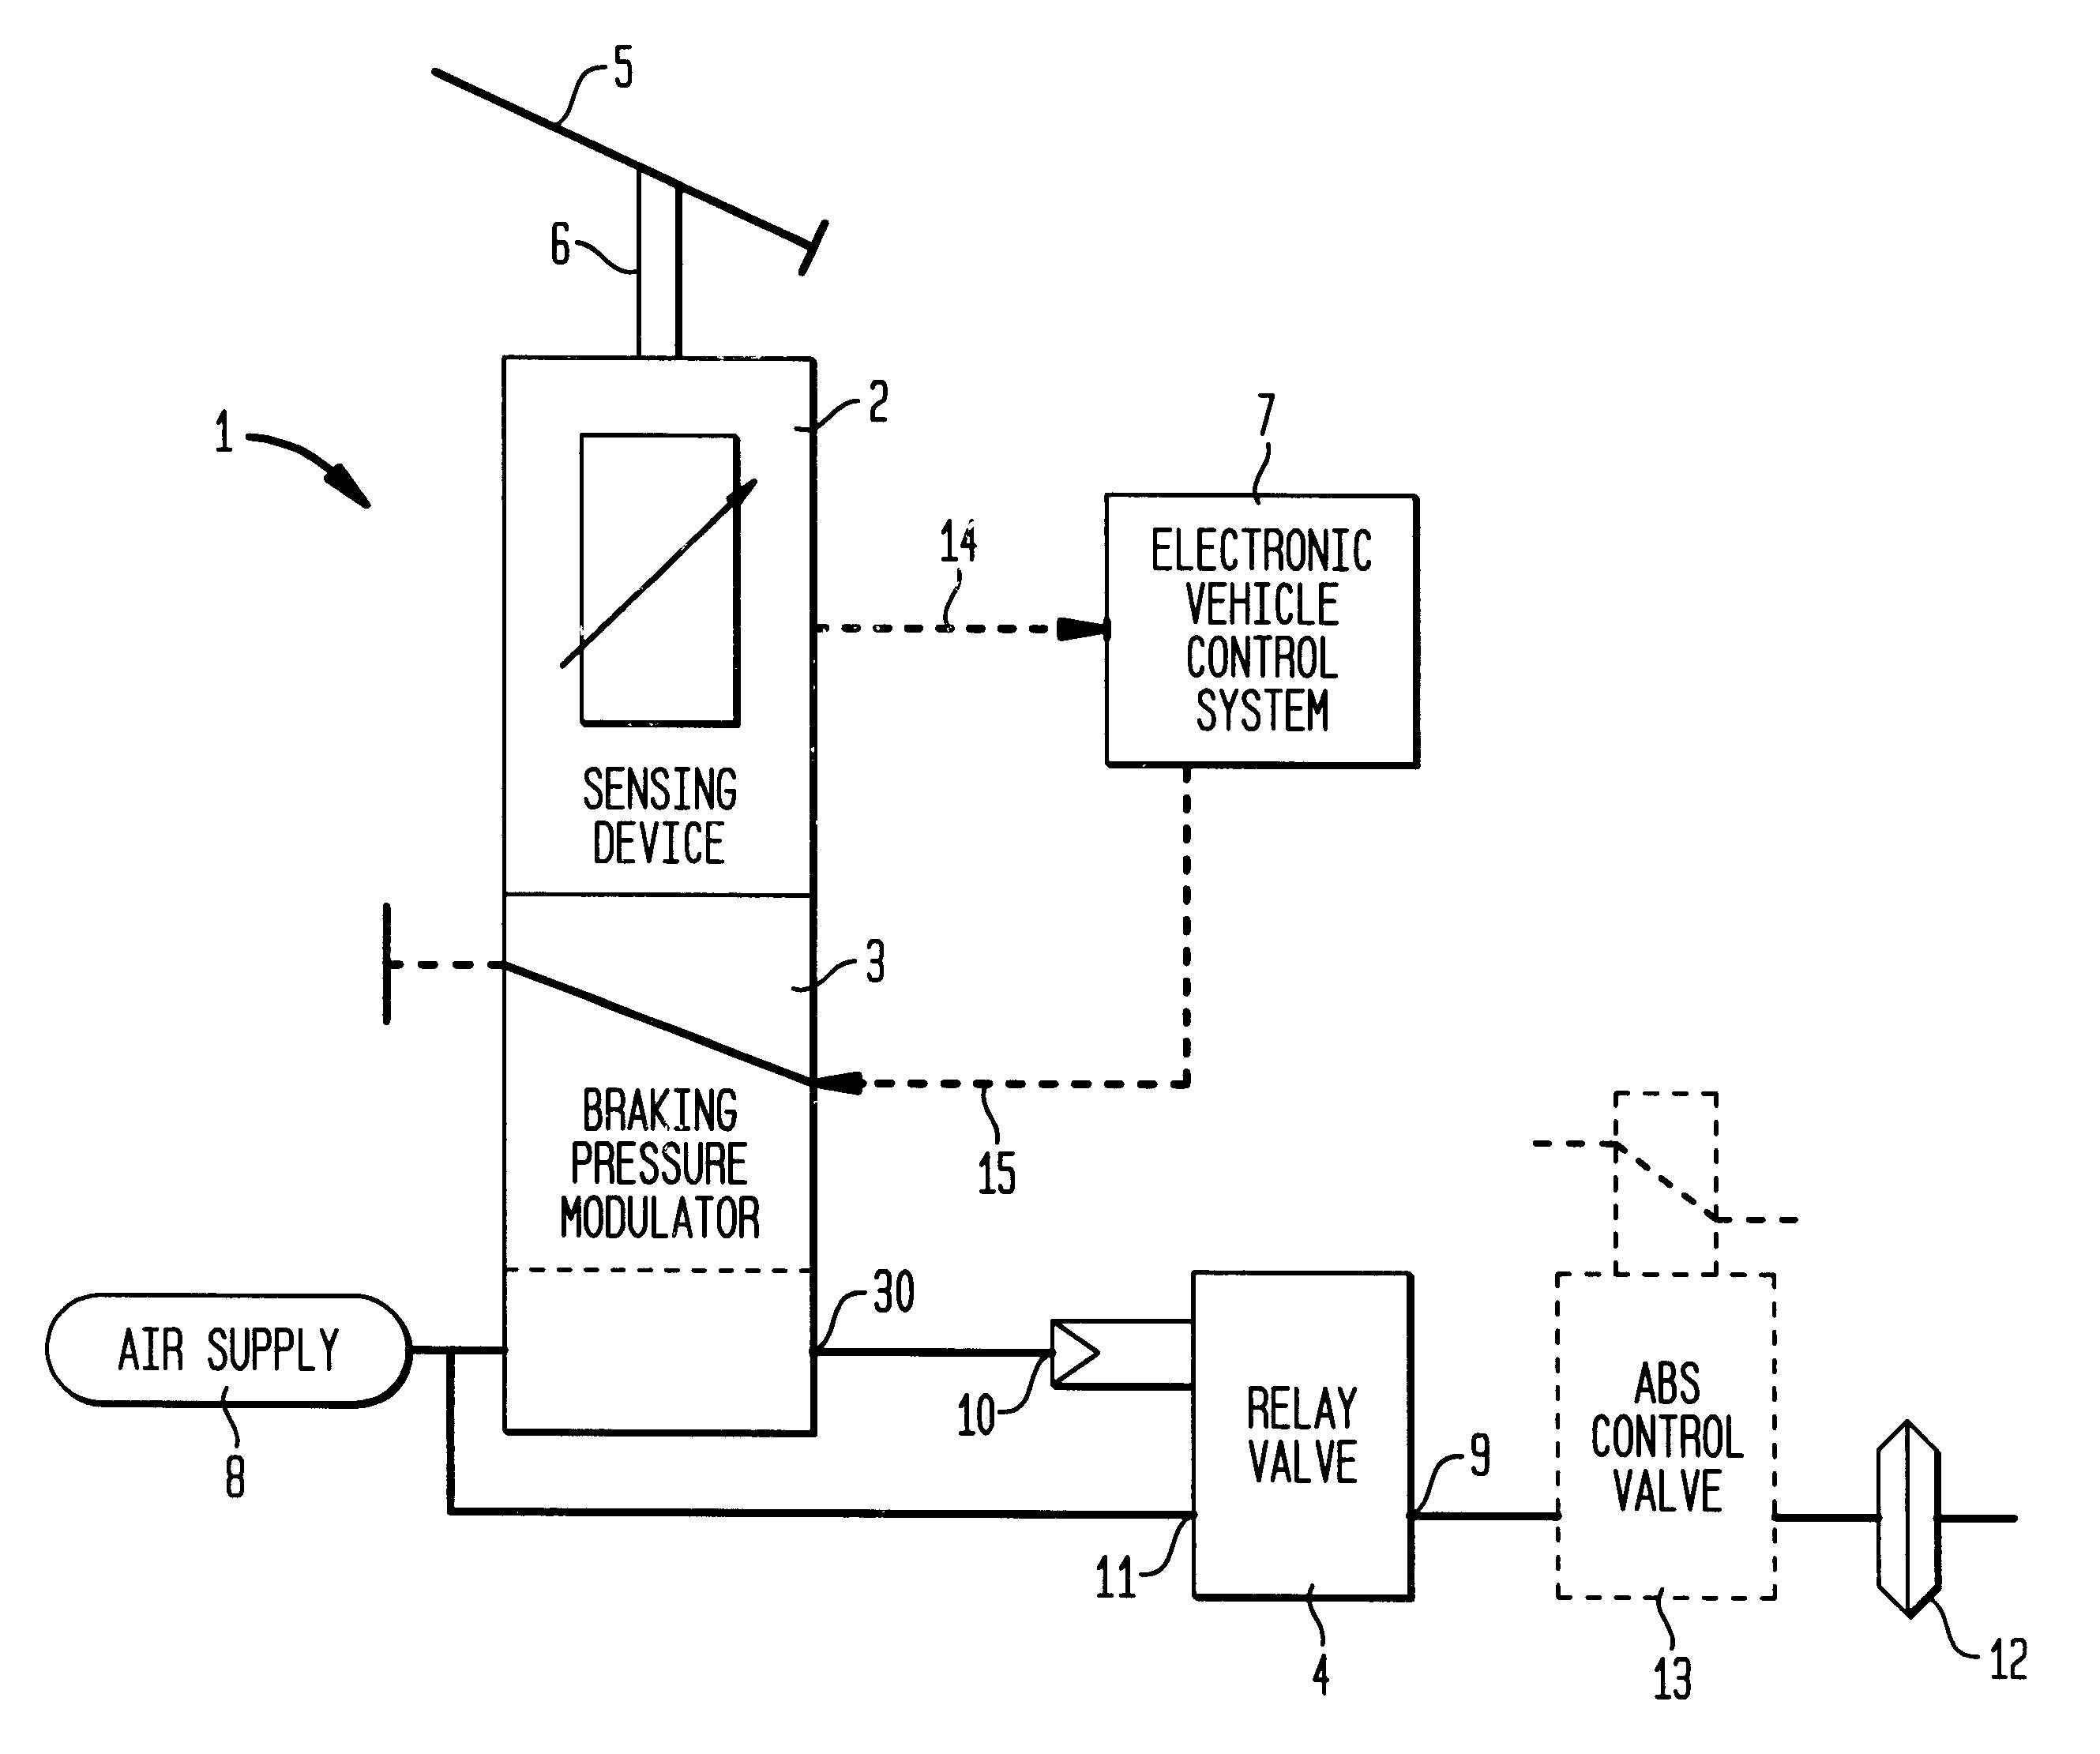 Ford Tractor 6 Volt Fuel Gauge Wiring Diagram Coil For 8n 4600 International Engine Case Diesel Electrical 6v To 12v